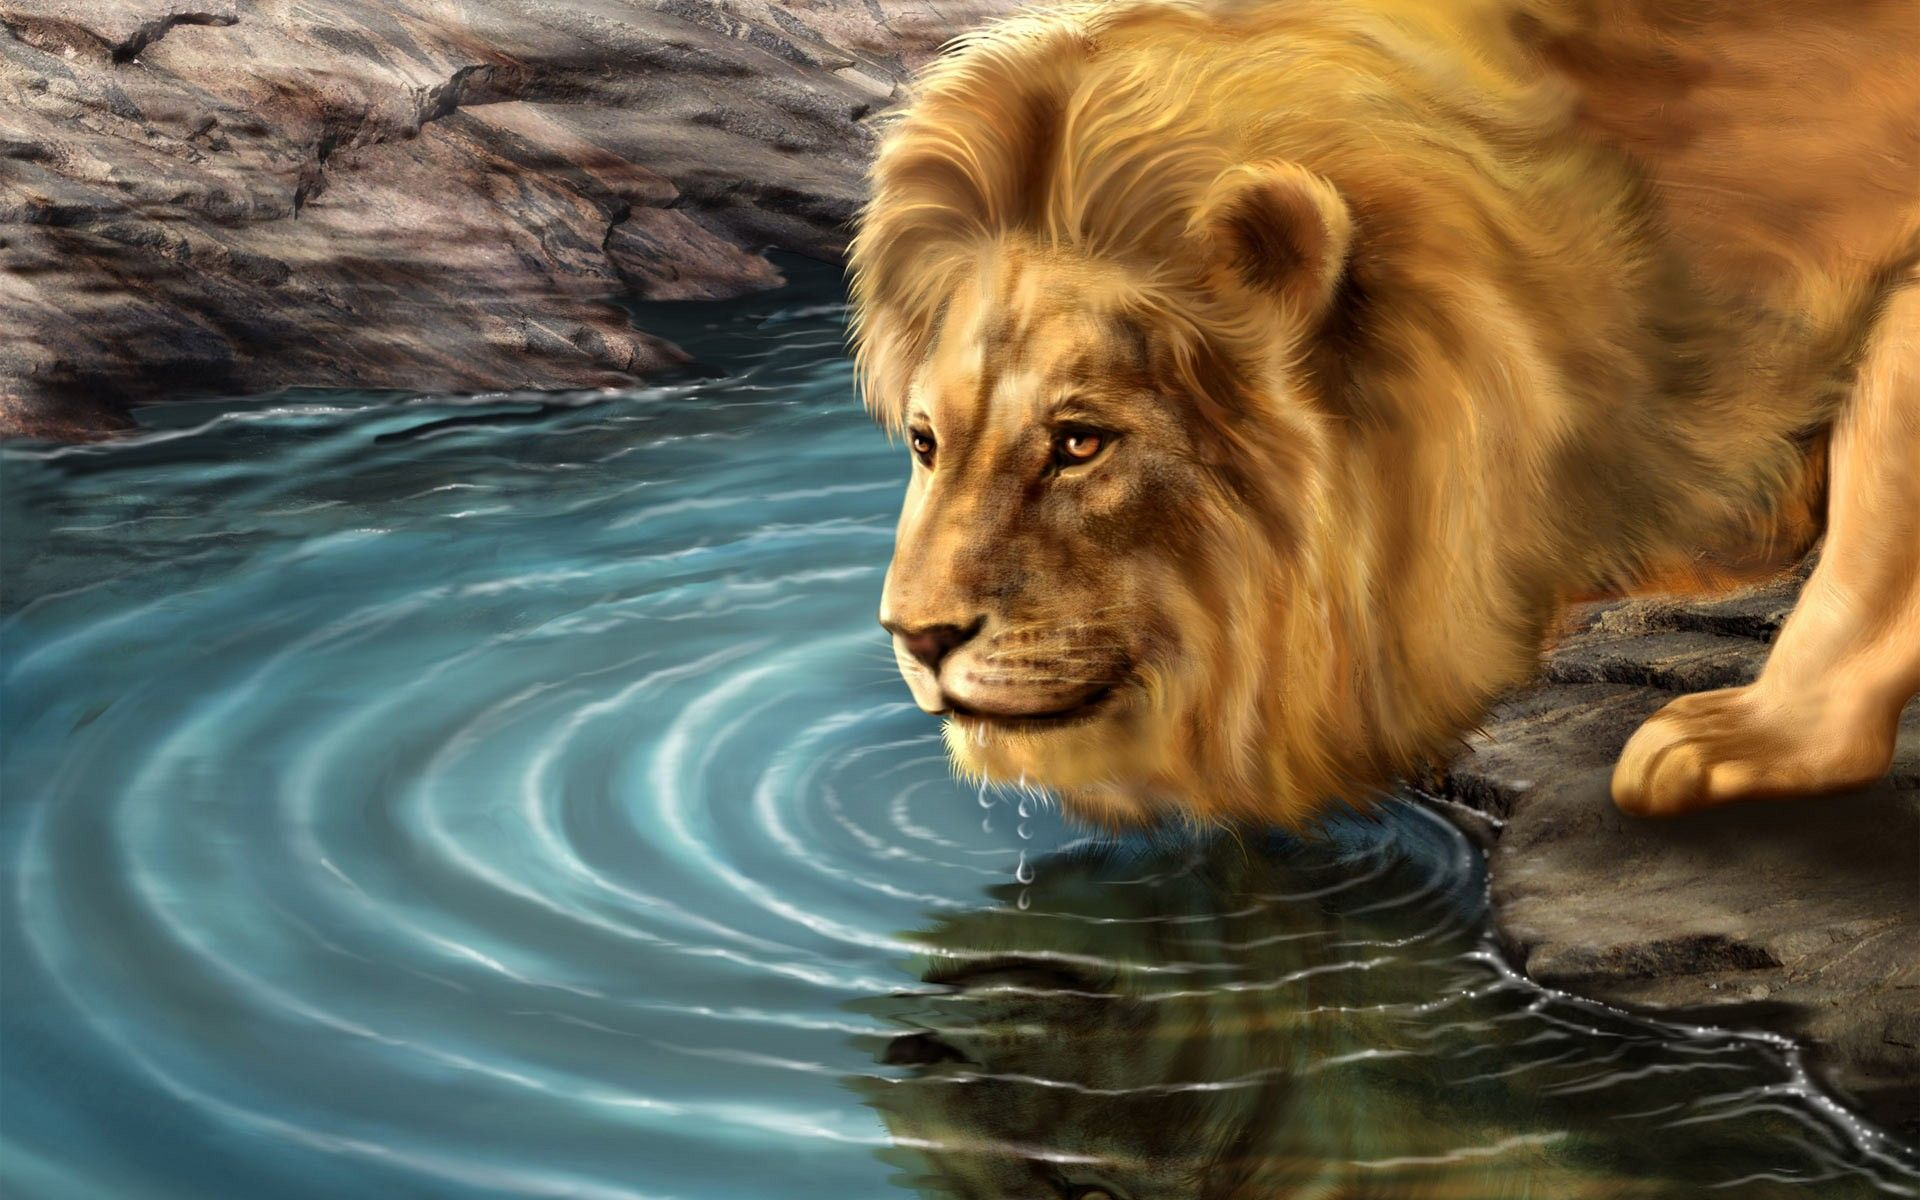 Hd wallpaper lion - Lion Lion Water Drinking Hd Wallpapers Jpg World Hd Wallpapers